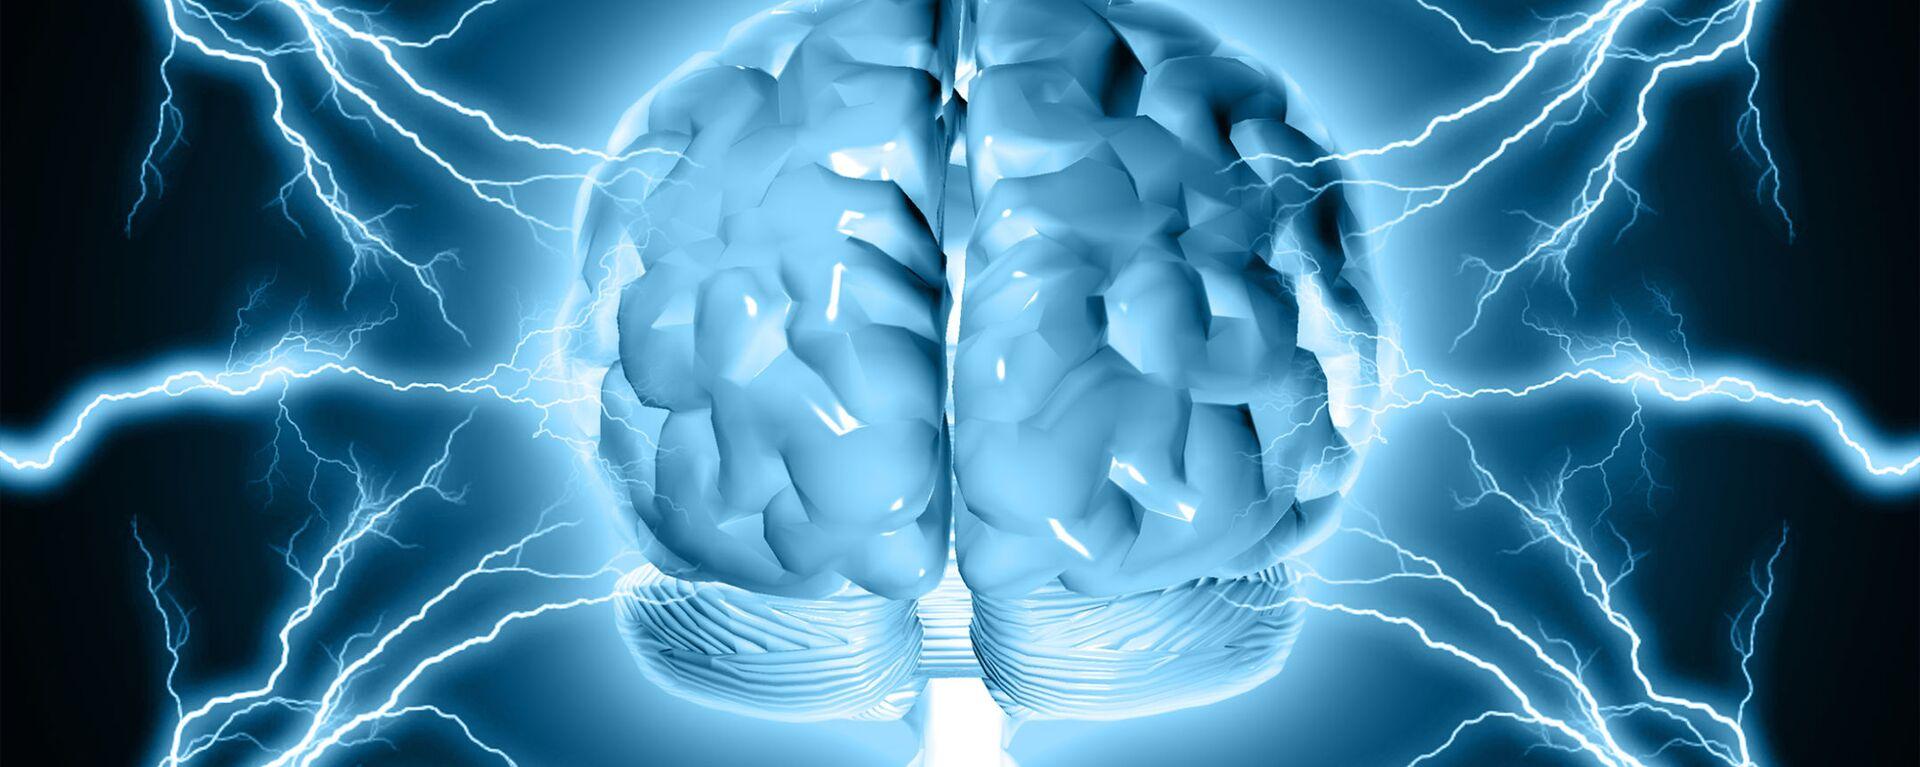 Un modello del cervello umano - Sputnik Italia, 1920, 21.12.2020